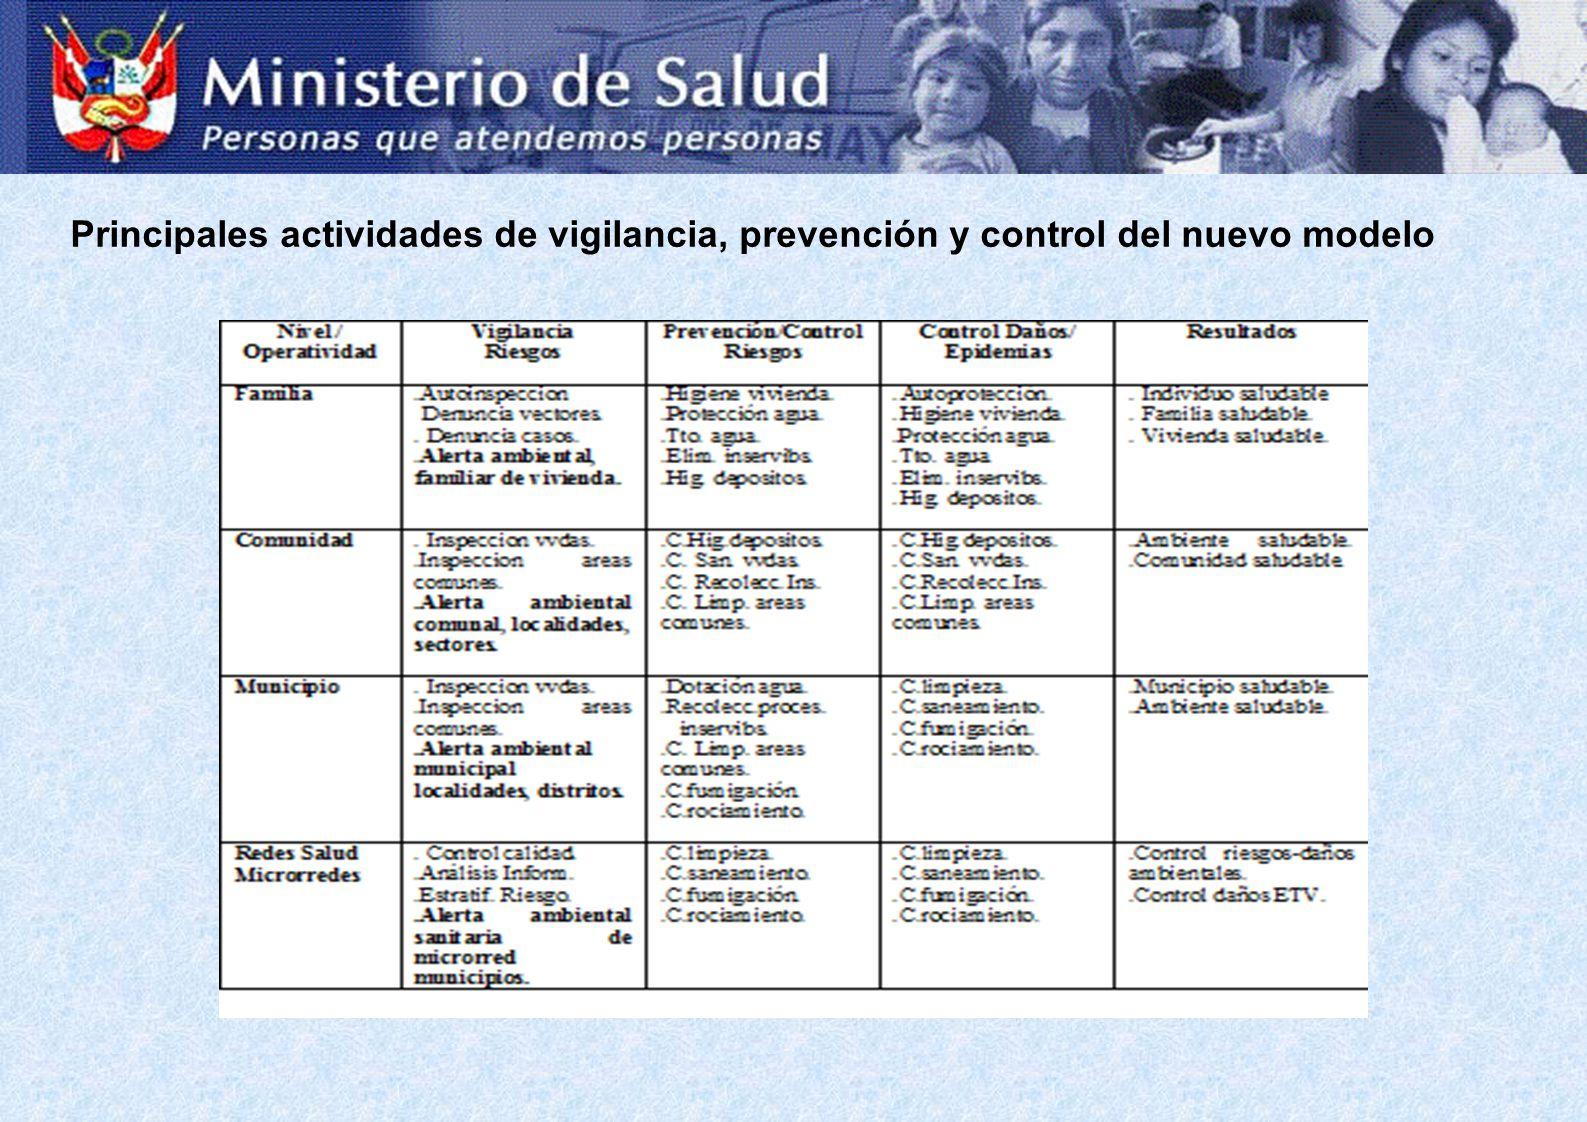 Principales actividades de vigilancia, prevención y control del nuevo modelo